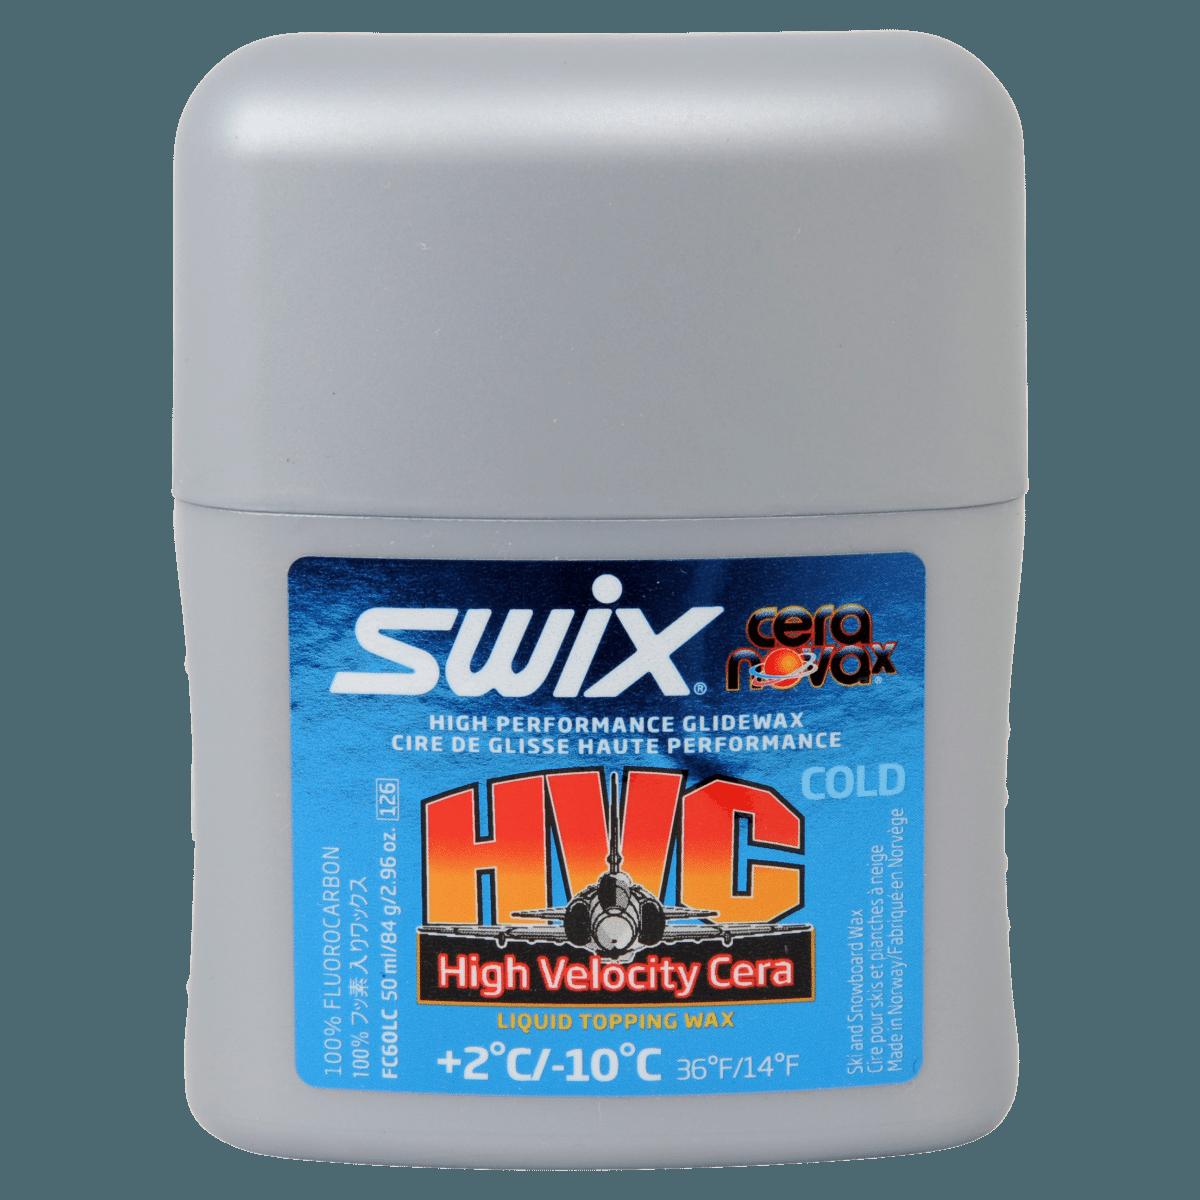 Swix HVC kald flytende Cera topping -2 - -10 C